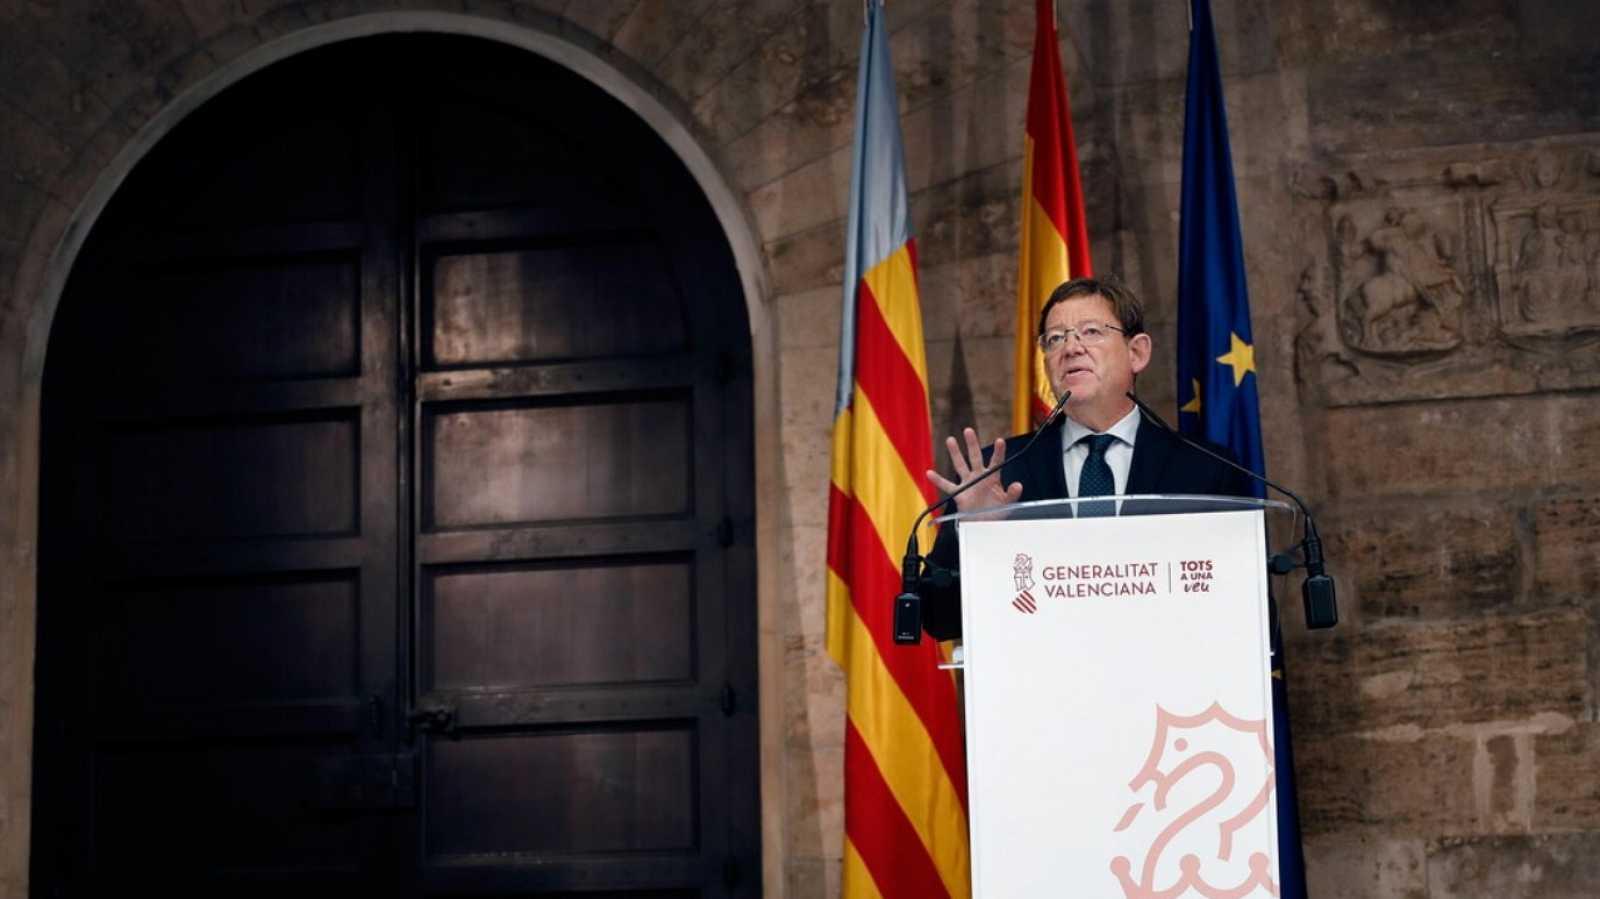 L'Informatiu - Comunitat Valenciana 2 - 26/10/20 - ver ahora